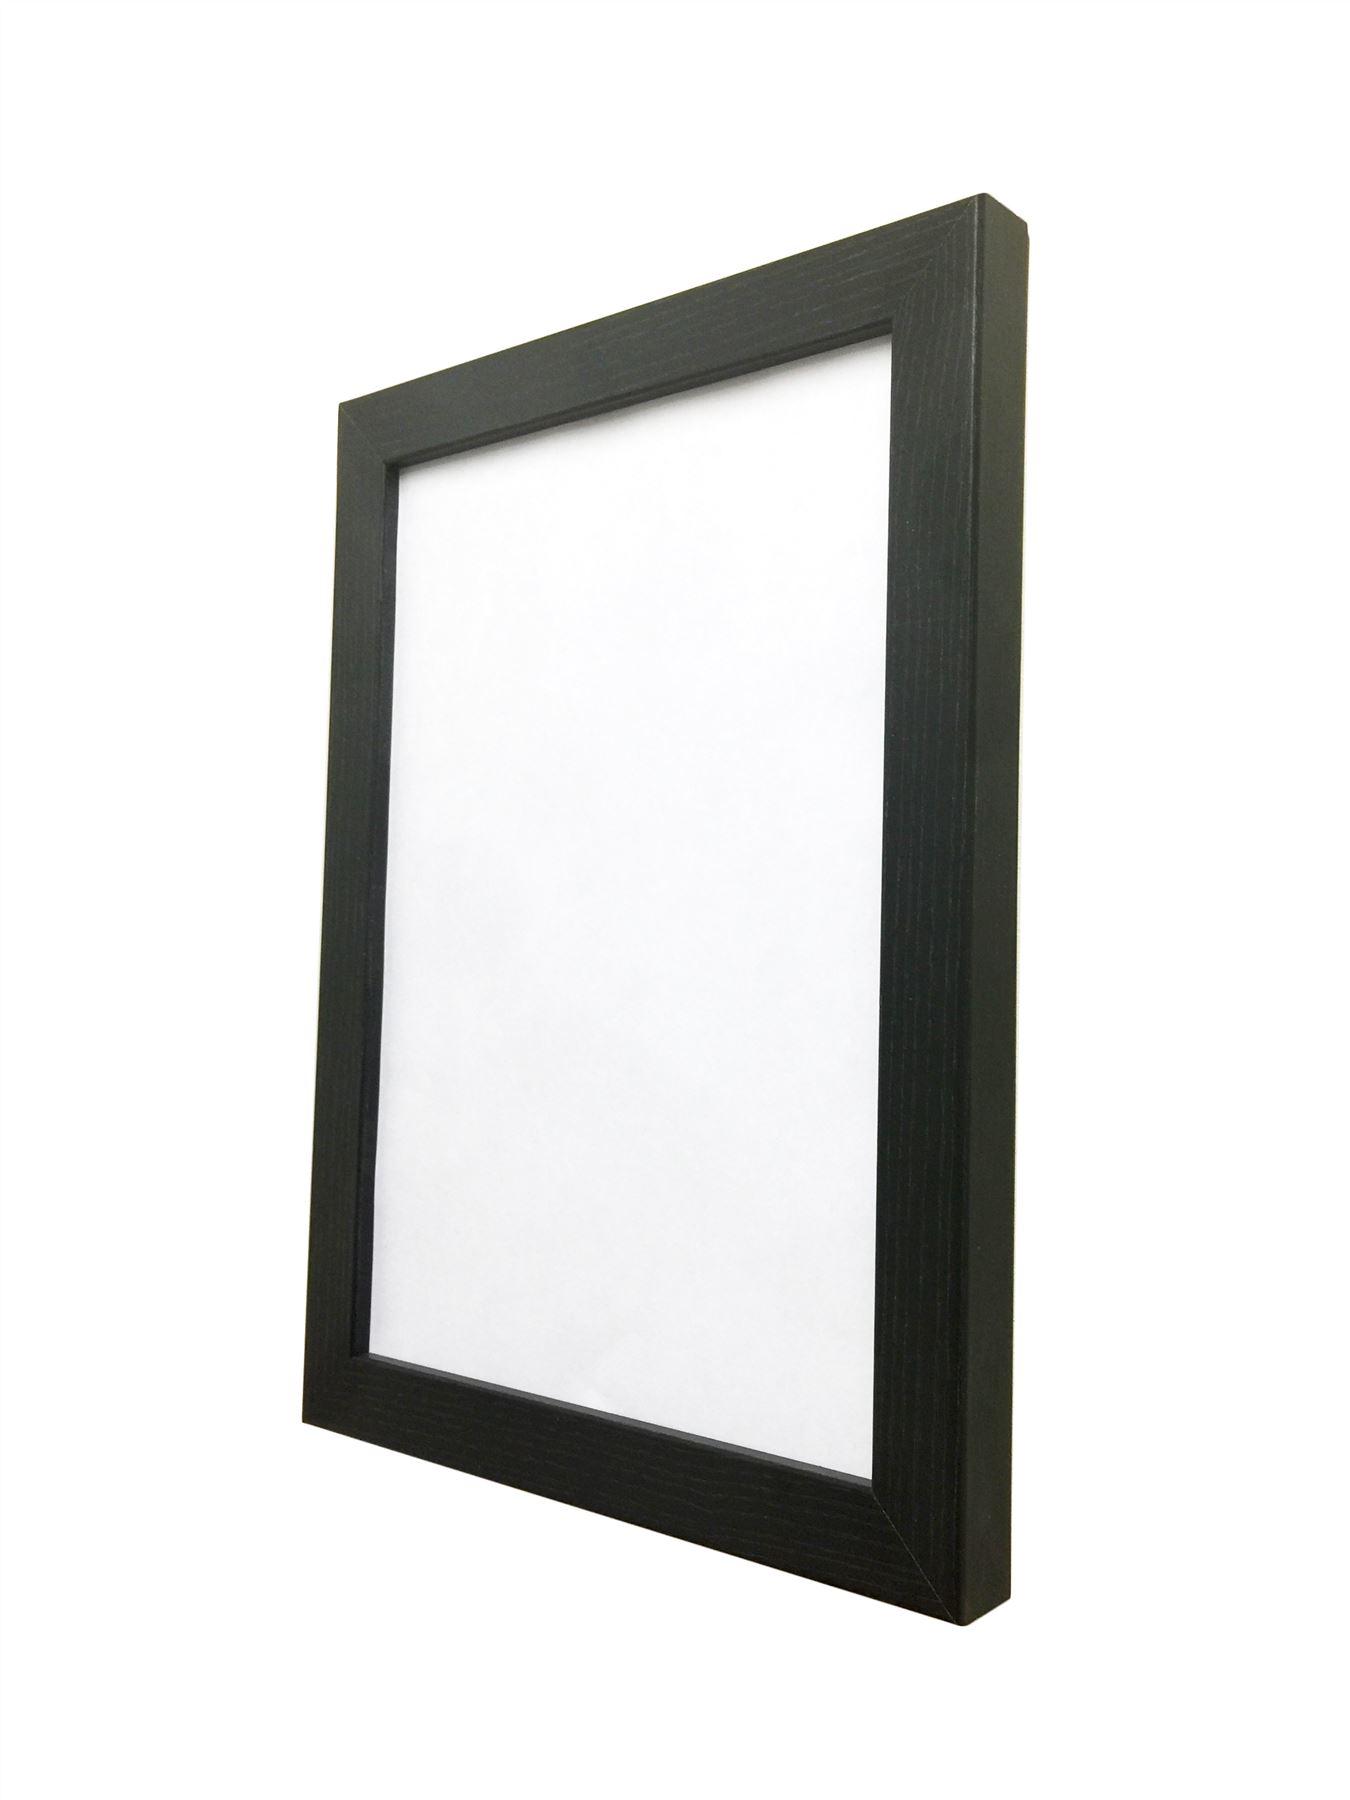 Poster frame sizes - irosh.info